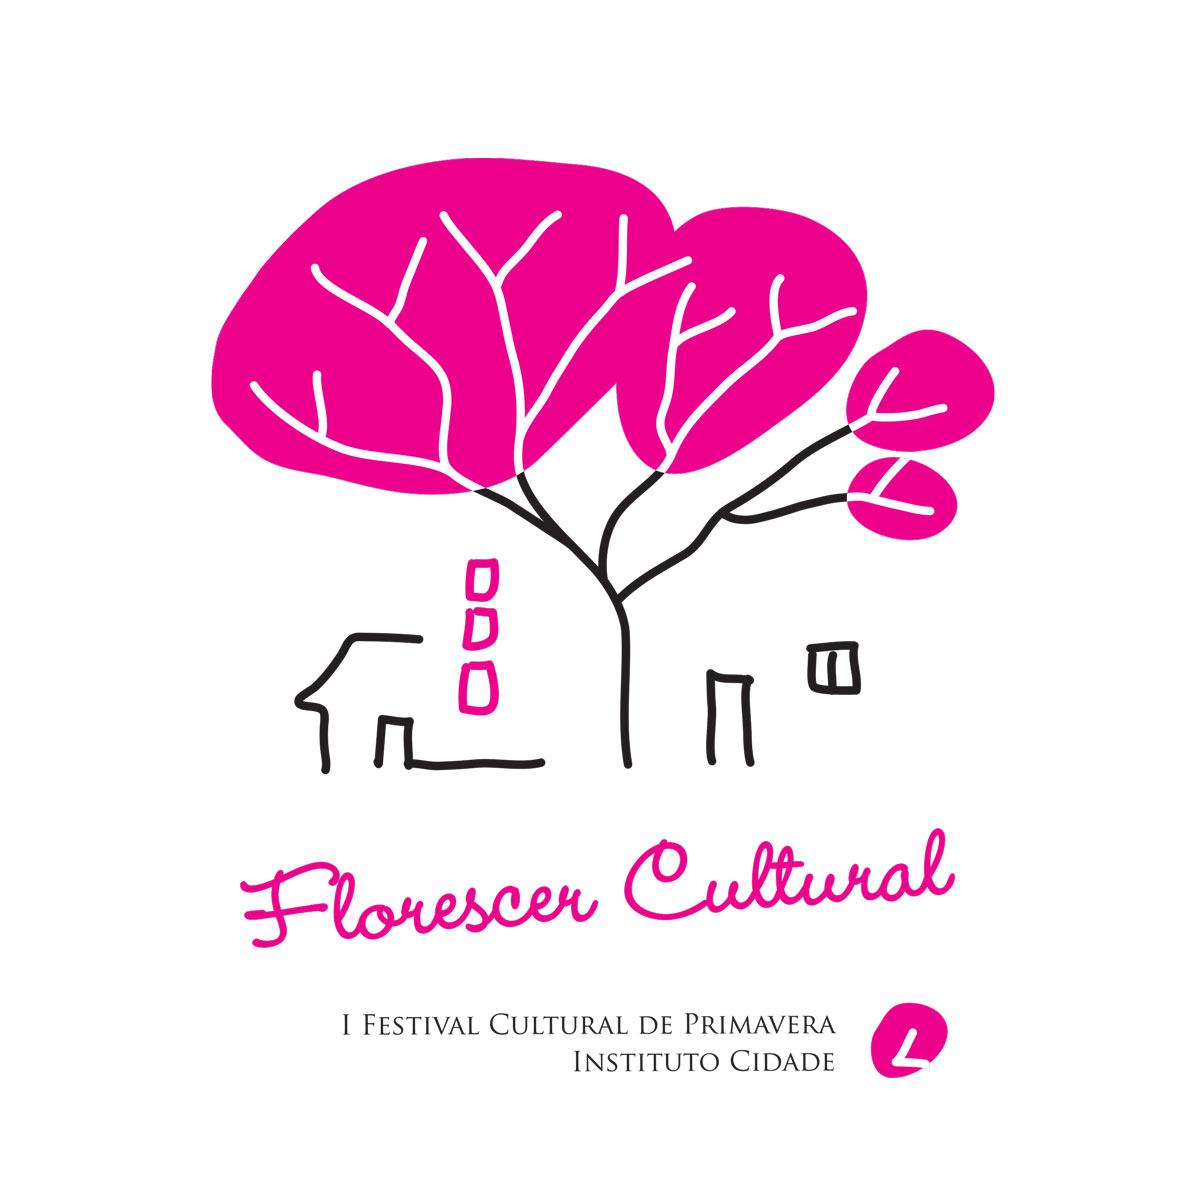 florescer_logo.jpg